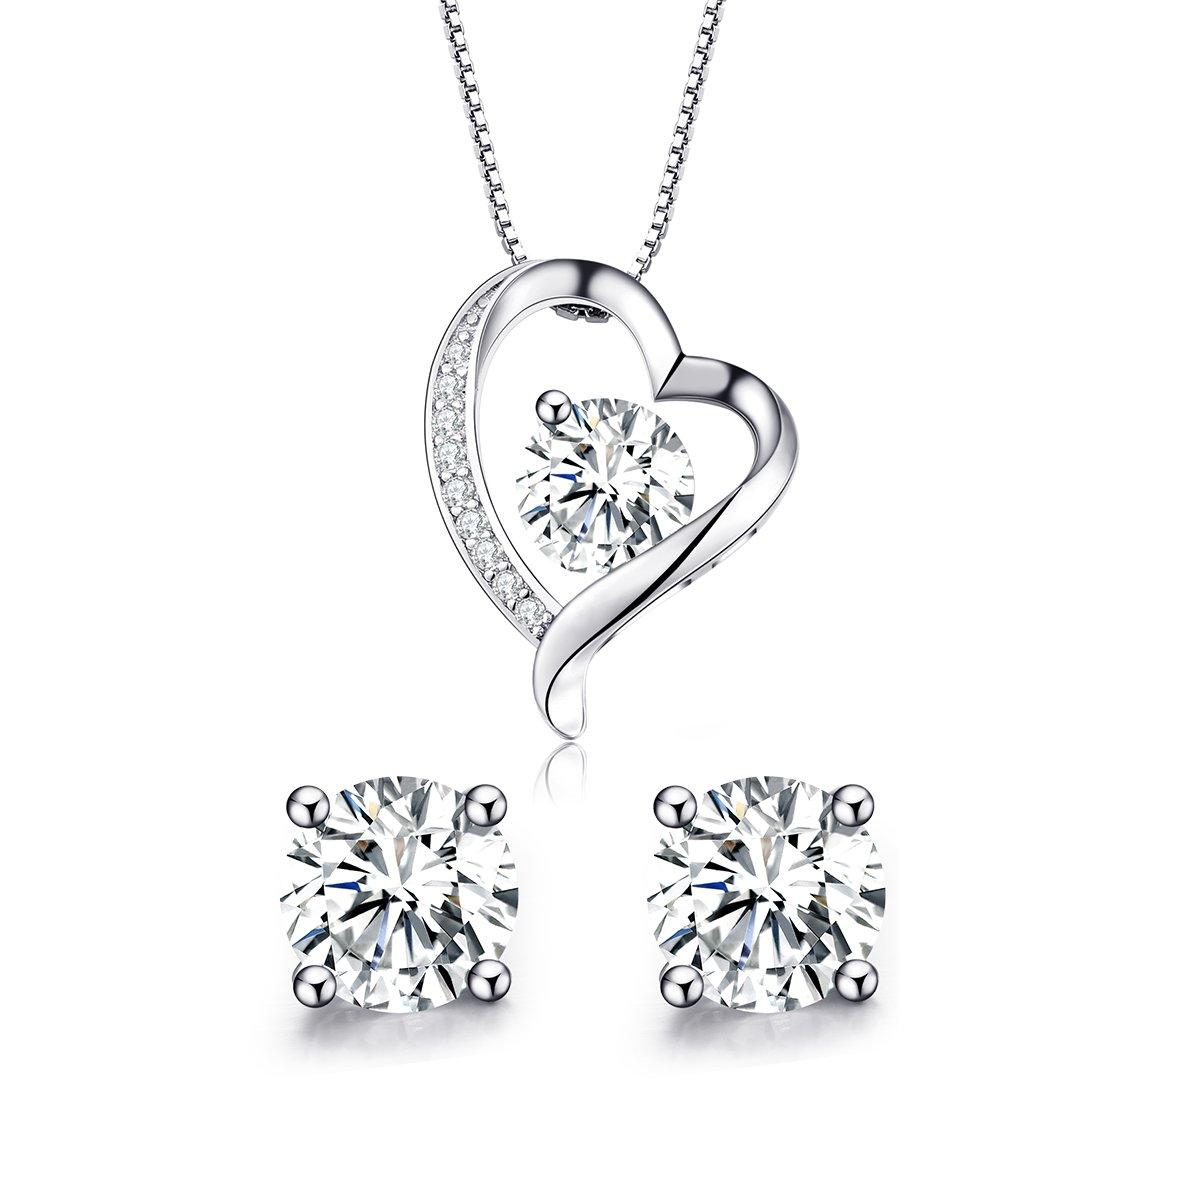 Turantu ♥Gift for Women♥ 925 Sterling Silver Forever Love Heart Pendant Necklace&Earrings Set